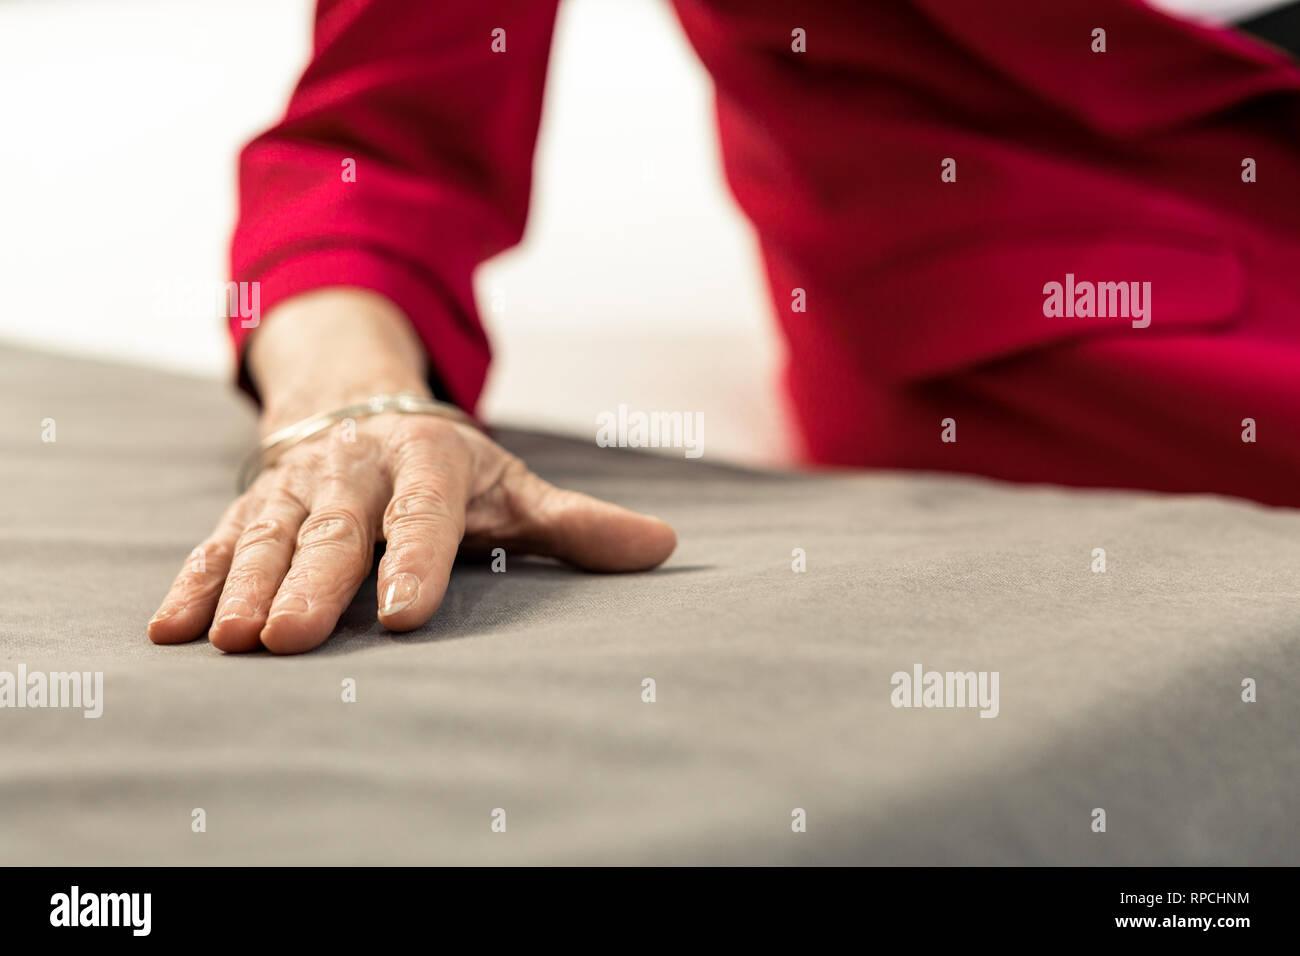 Ritratto di close-up di invecchiamento lady mano giacente sul letto di fogli Immagini Stock